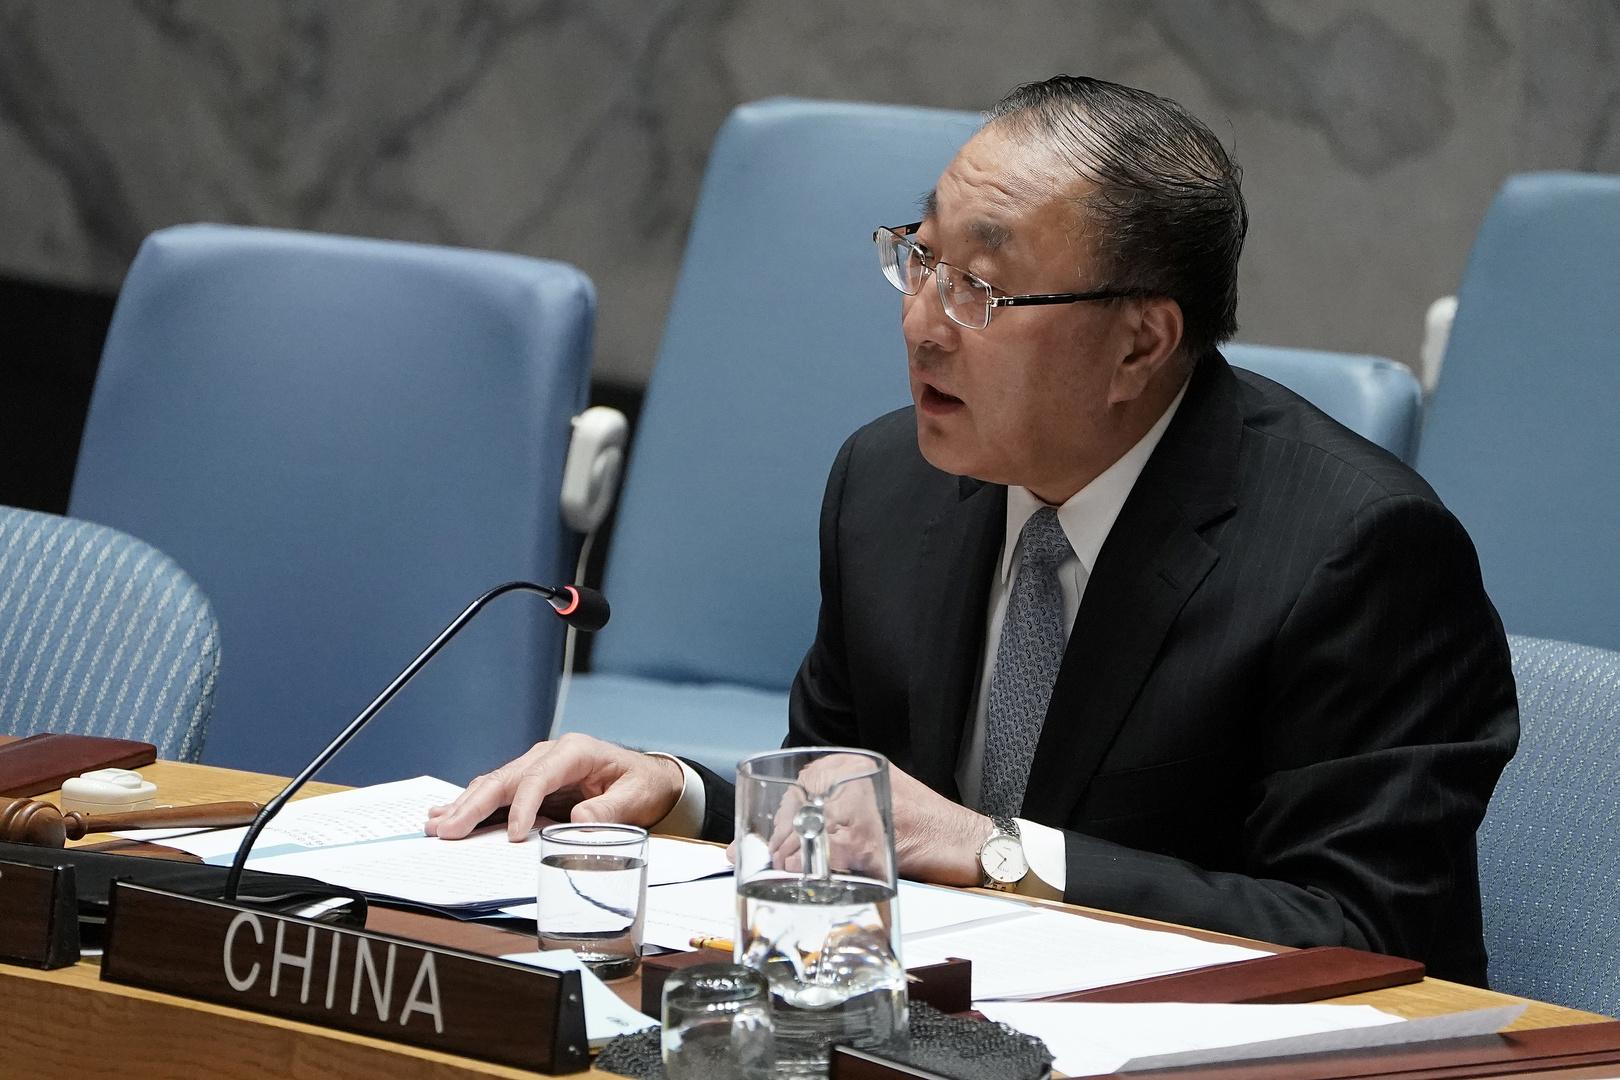 المندوب الصيني الدائم لدى الأمم المتحدة، تشانغ جون